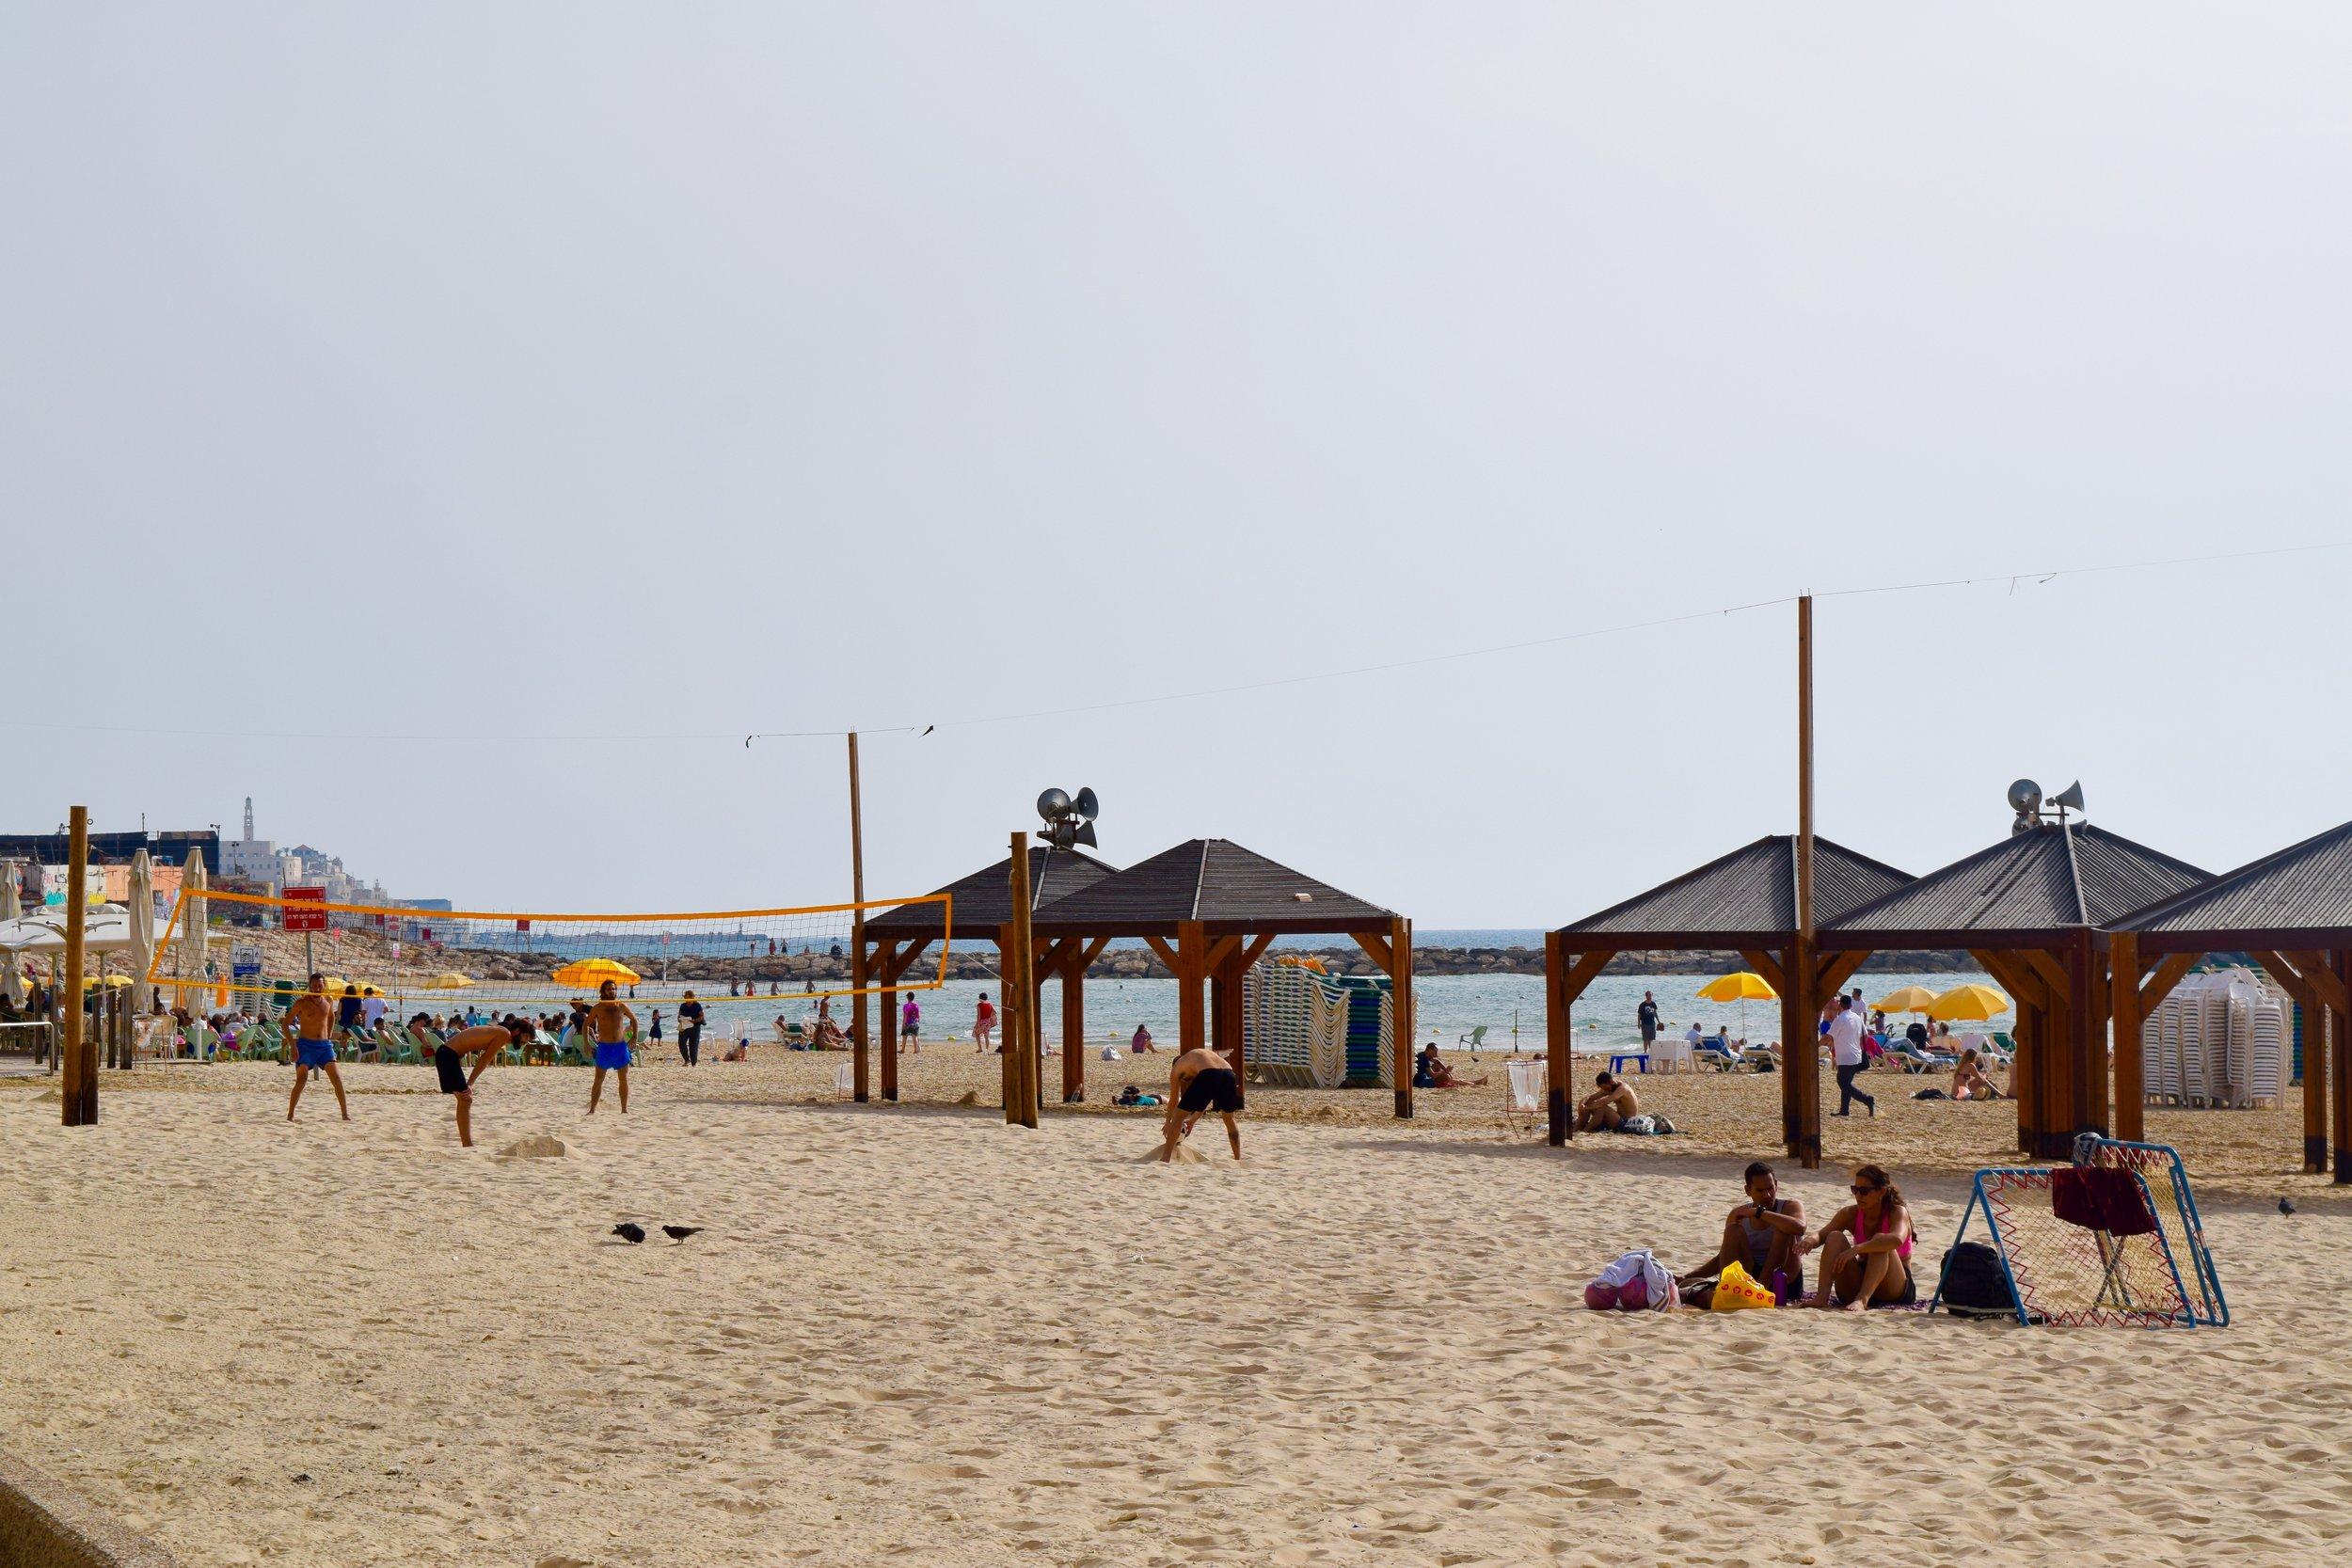 Jugadores de volley en la playa de Tel Aviv